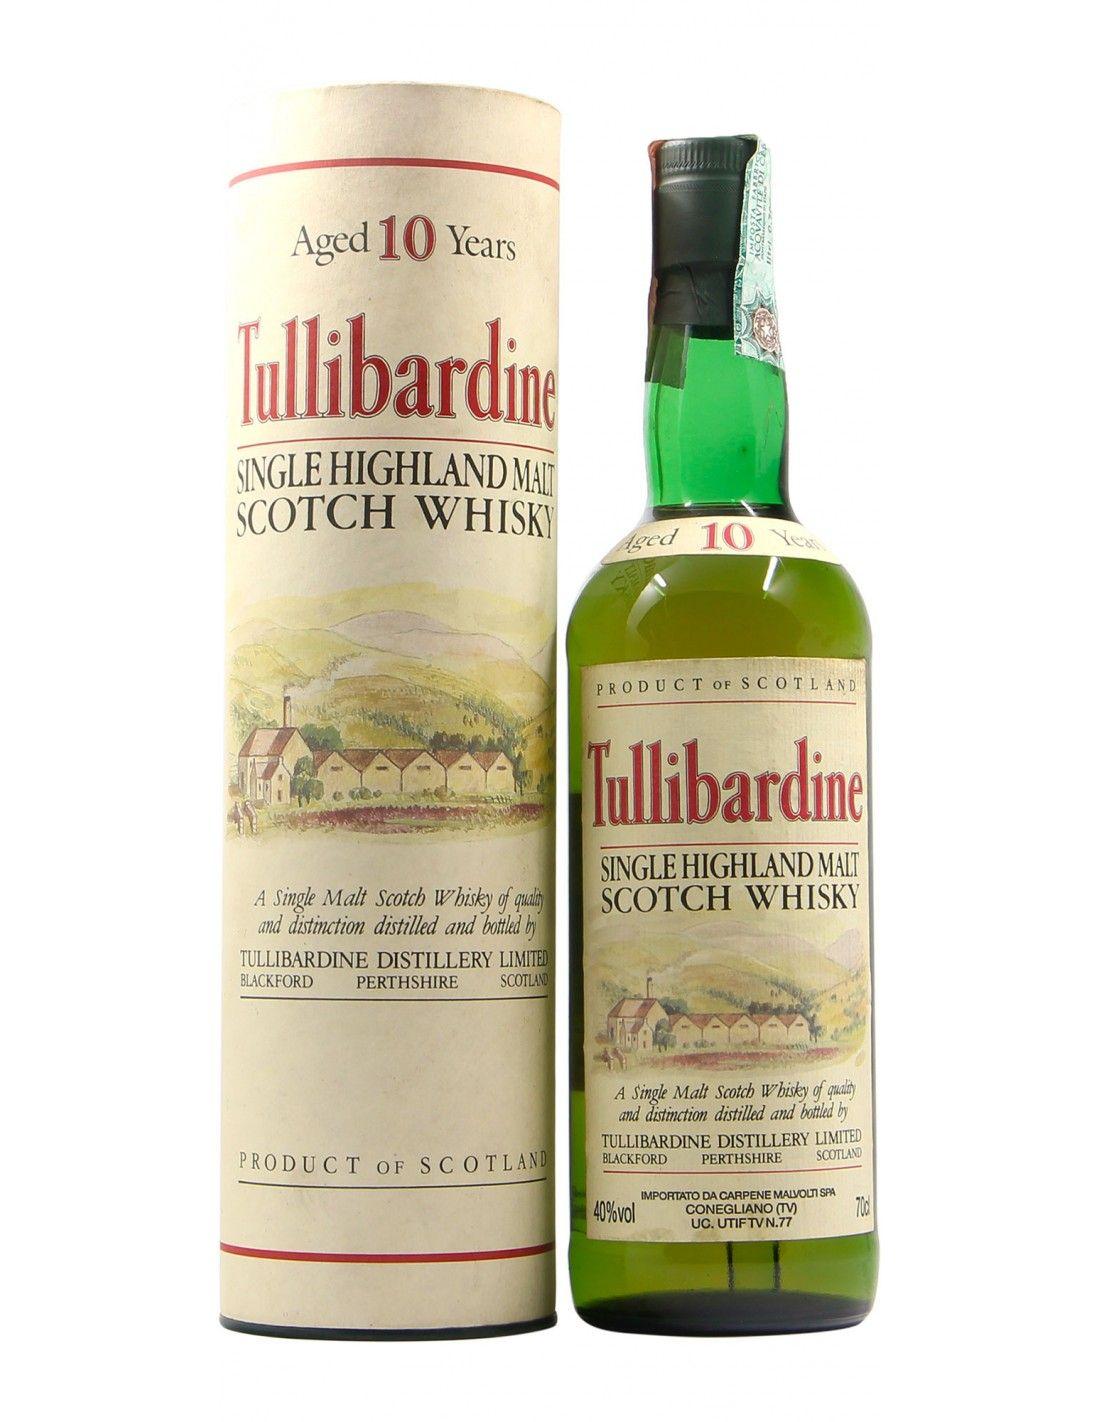 SINGLE HIGHLAND MALT SCOTCH WHISKY 10 YO NV TULLIBARDINE Grandi Bottiglie